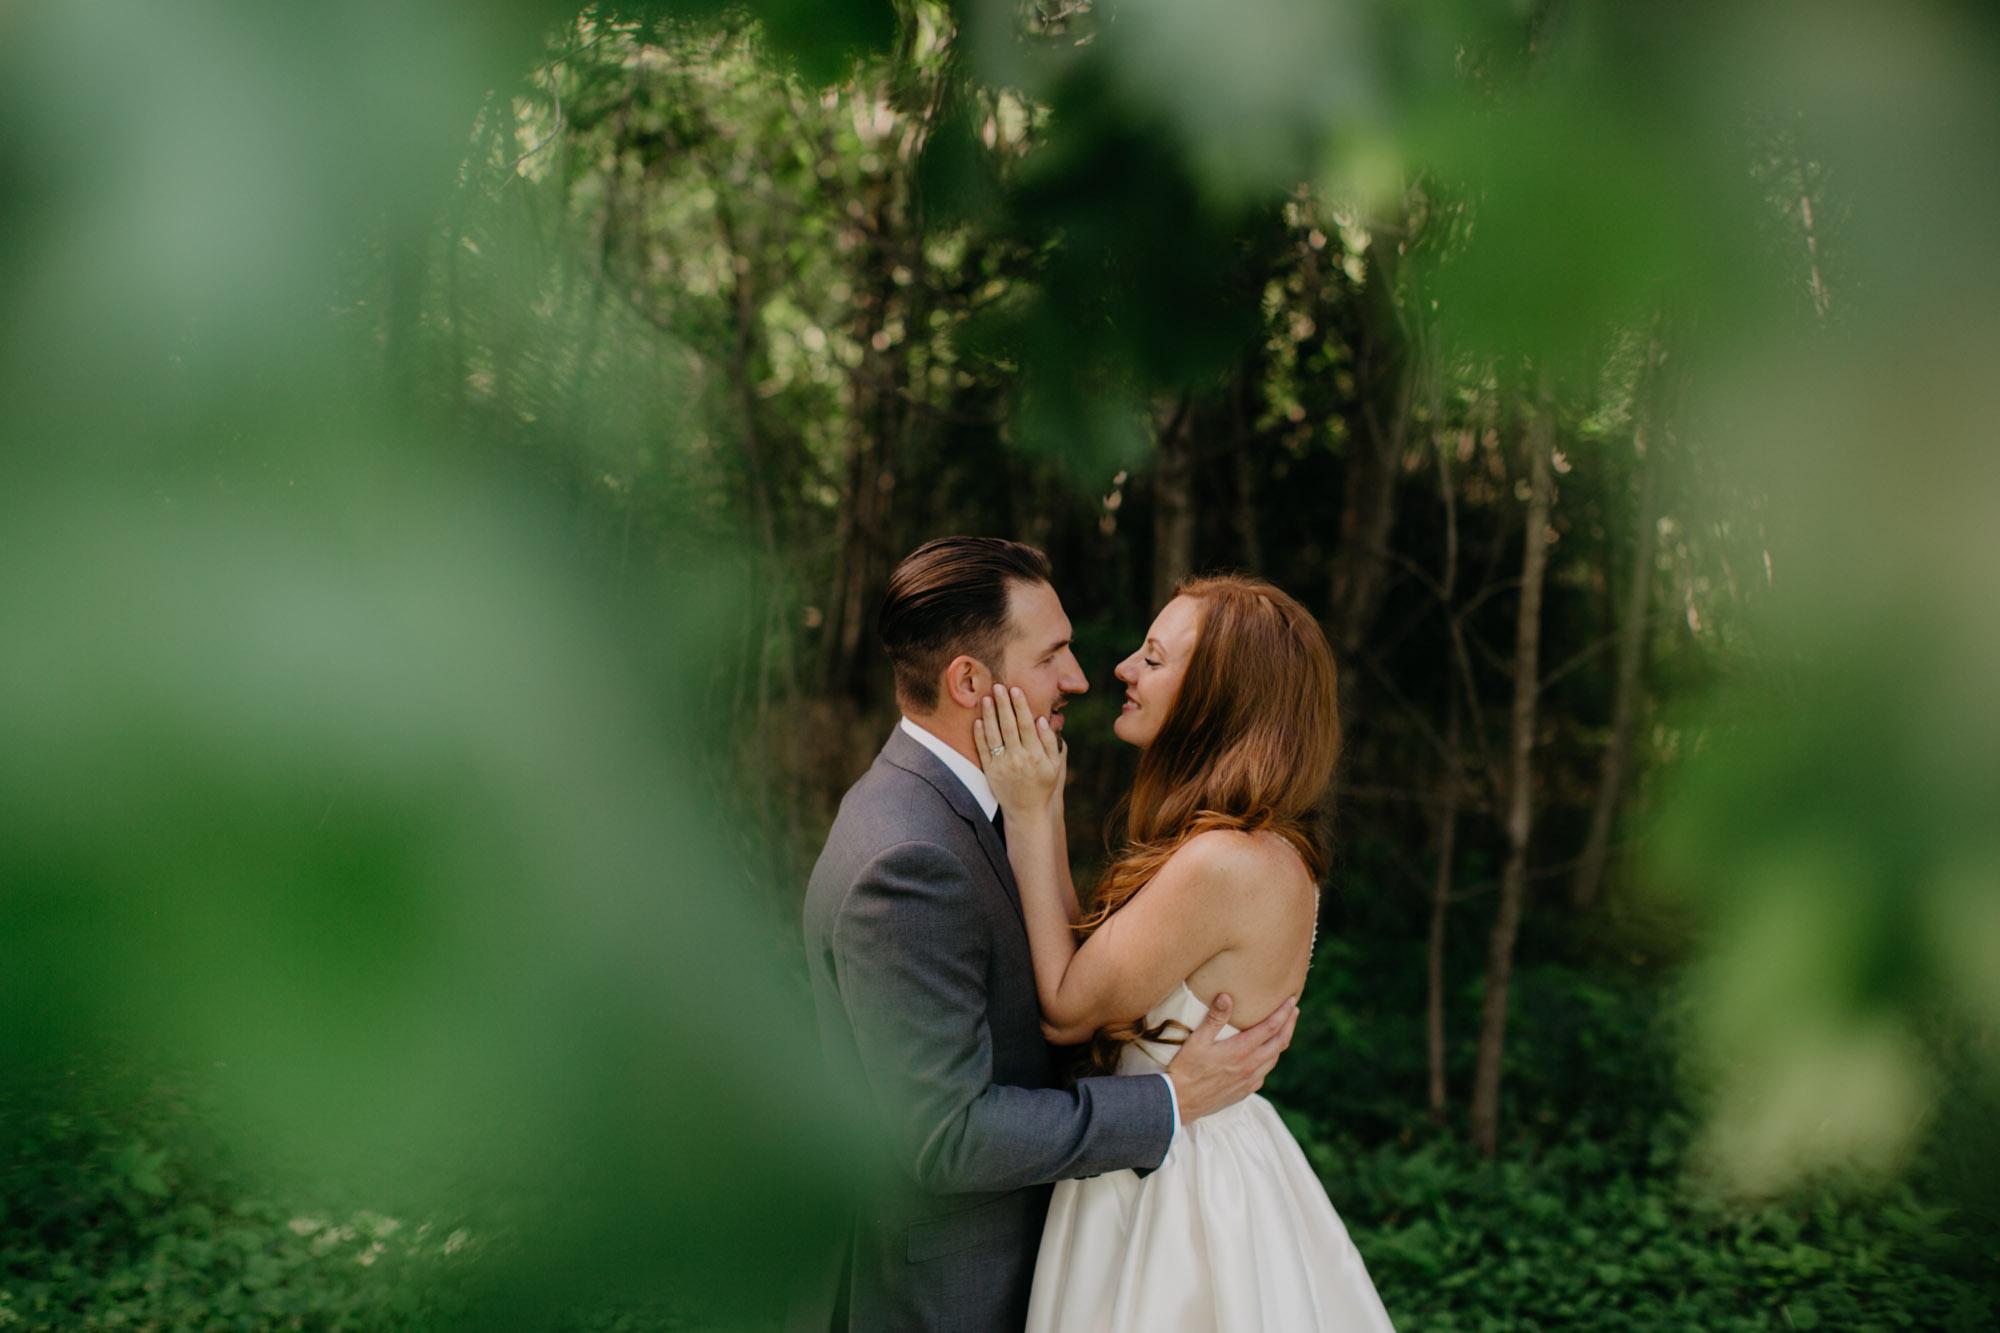 elmwood-park-wedding-photographer-nicole-jon-27.jpg